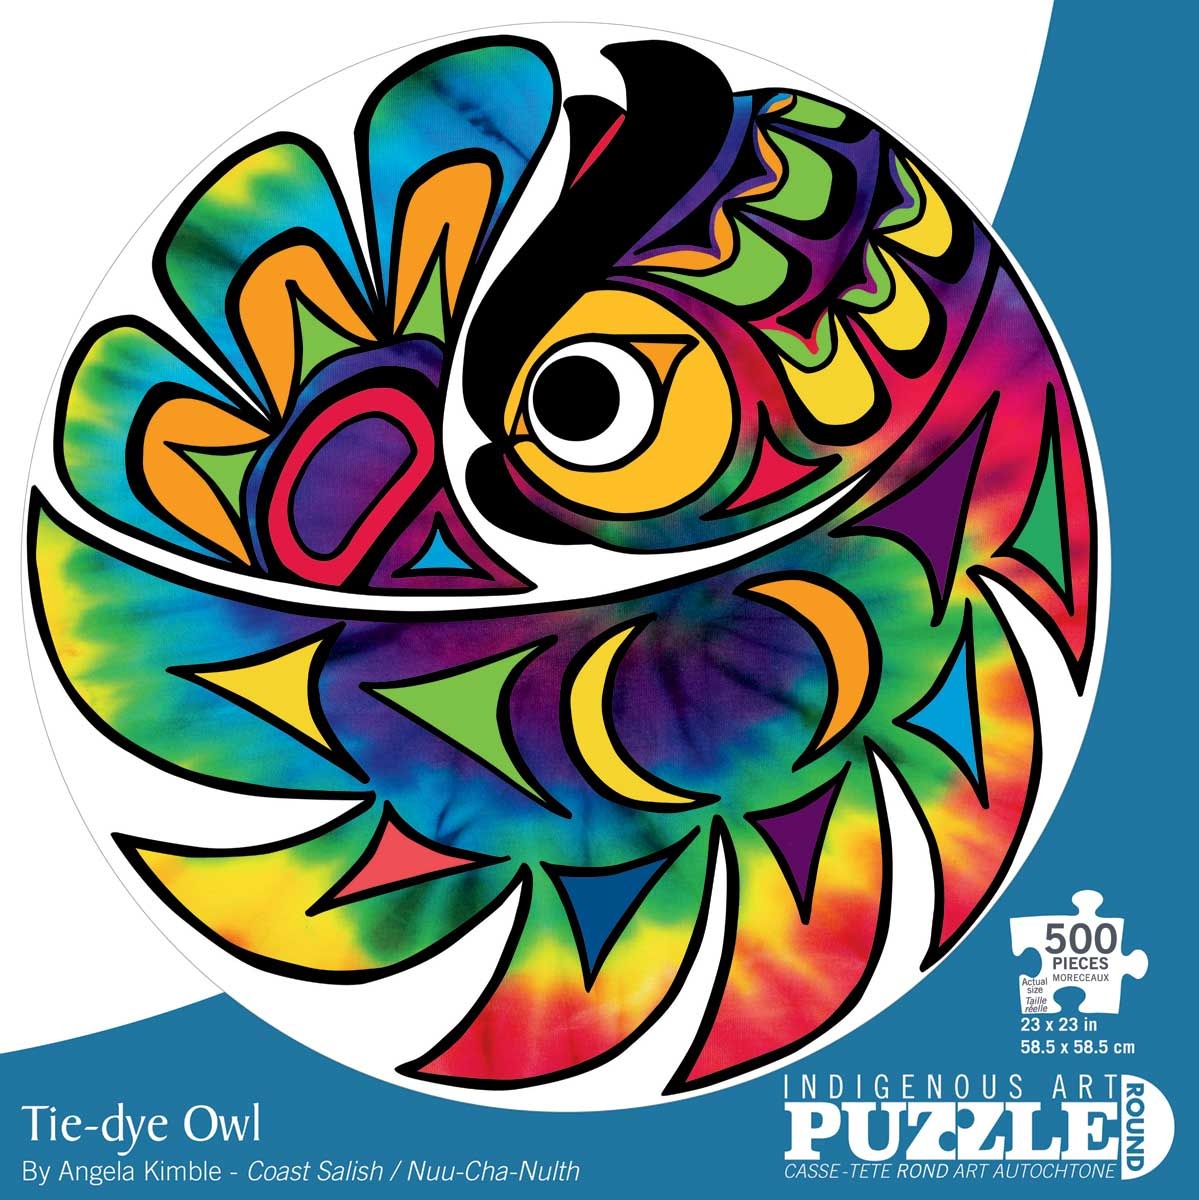 500 - Tie-dye Owl (Angela Kimble)